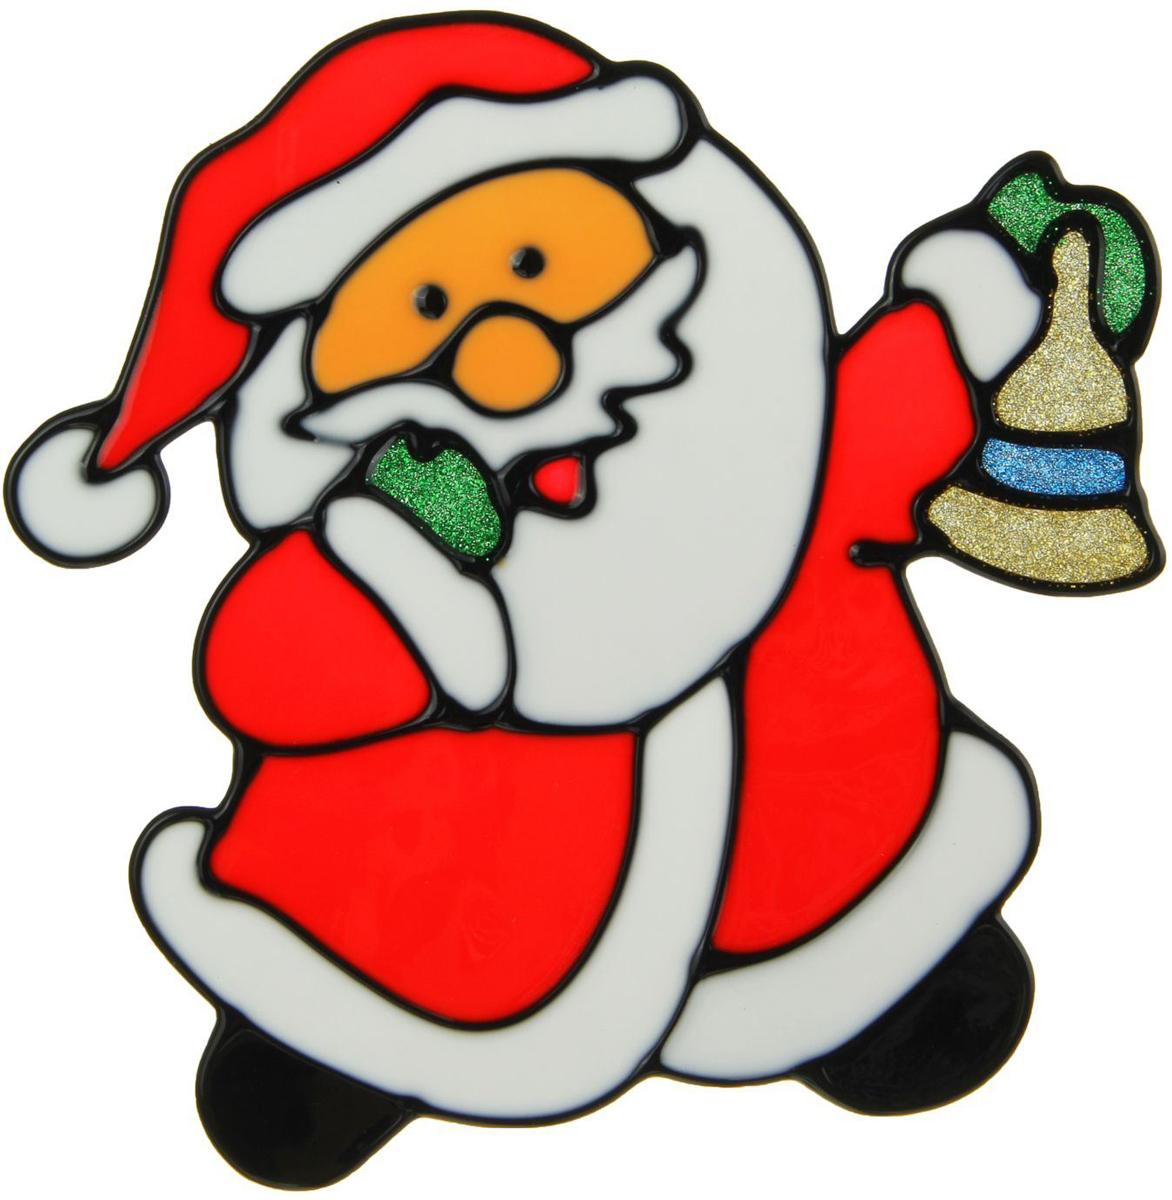 Украшение новогоднее оконное Дед Мороз с колокольчиком, 13,5 х 14 см1399692Новогоднее оконное украшение Дед Мороз с колокольчиком поможет украсить дом кпредстоящим праздникам. Яркая наклейка крепится к гладкой поверхности стекла посредствомстатического эффекта. С помощью такого украшения вы сможете оживить интерьер по своемувкусу. Новогодние украшения всегда несут в себе волшебство и красоту праздника. Создайте в своемдоме атмосферу тепла, веселья и радости, украшая его всей семьей.